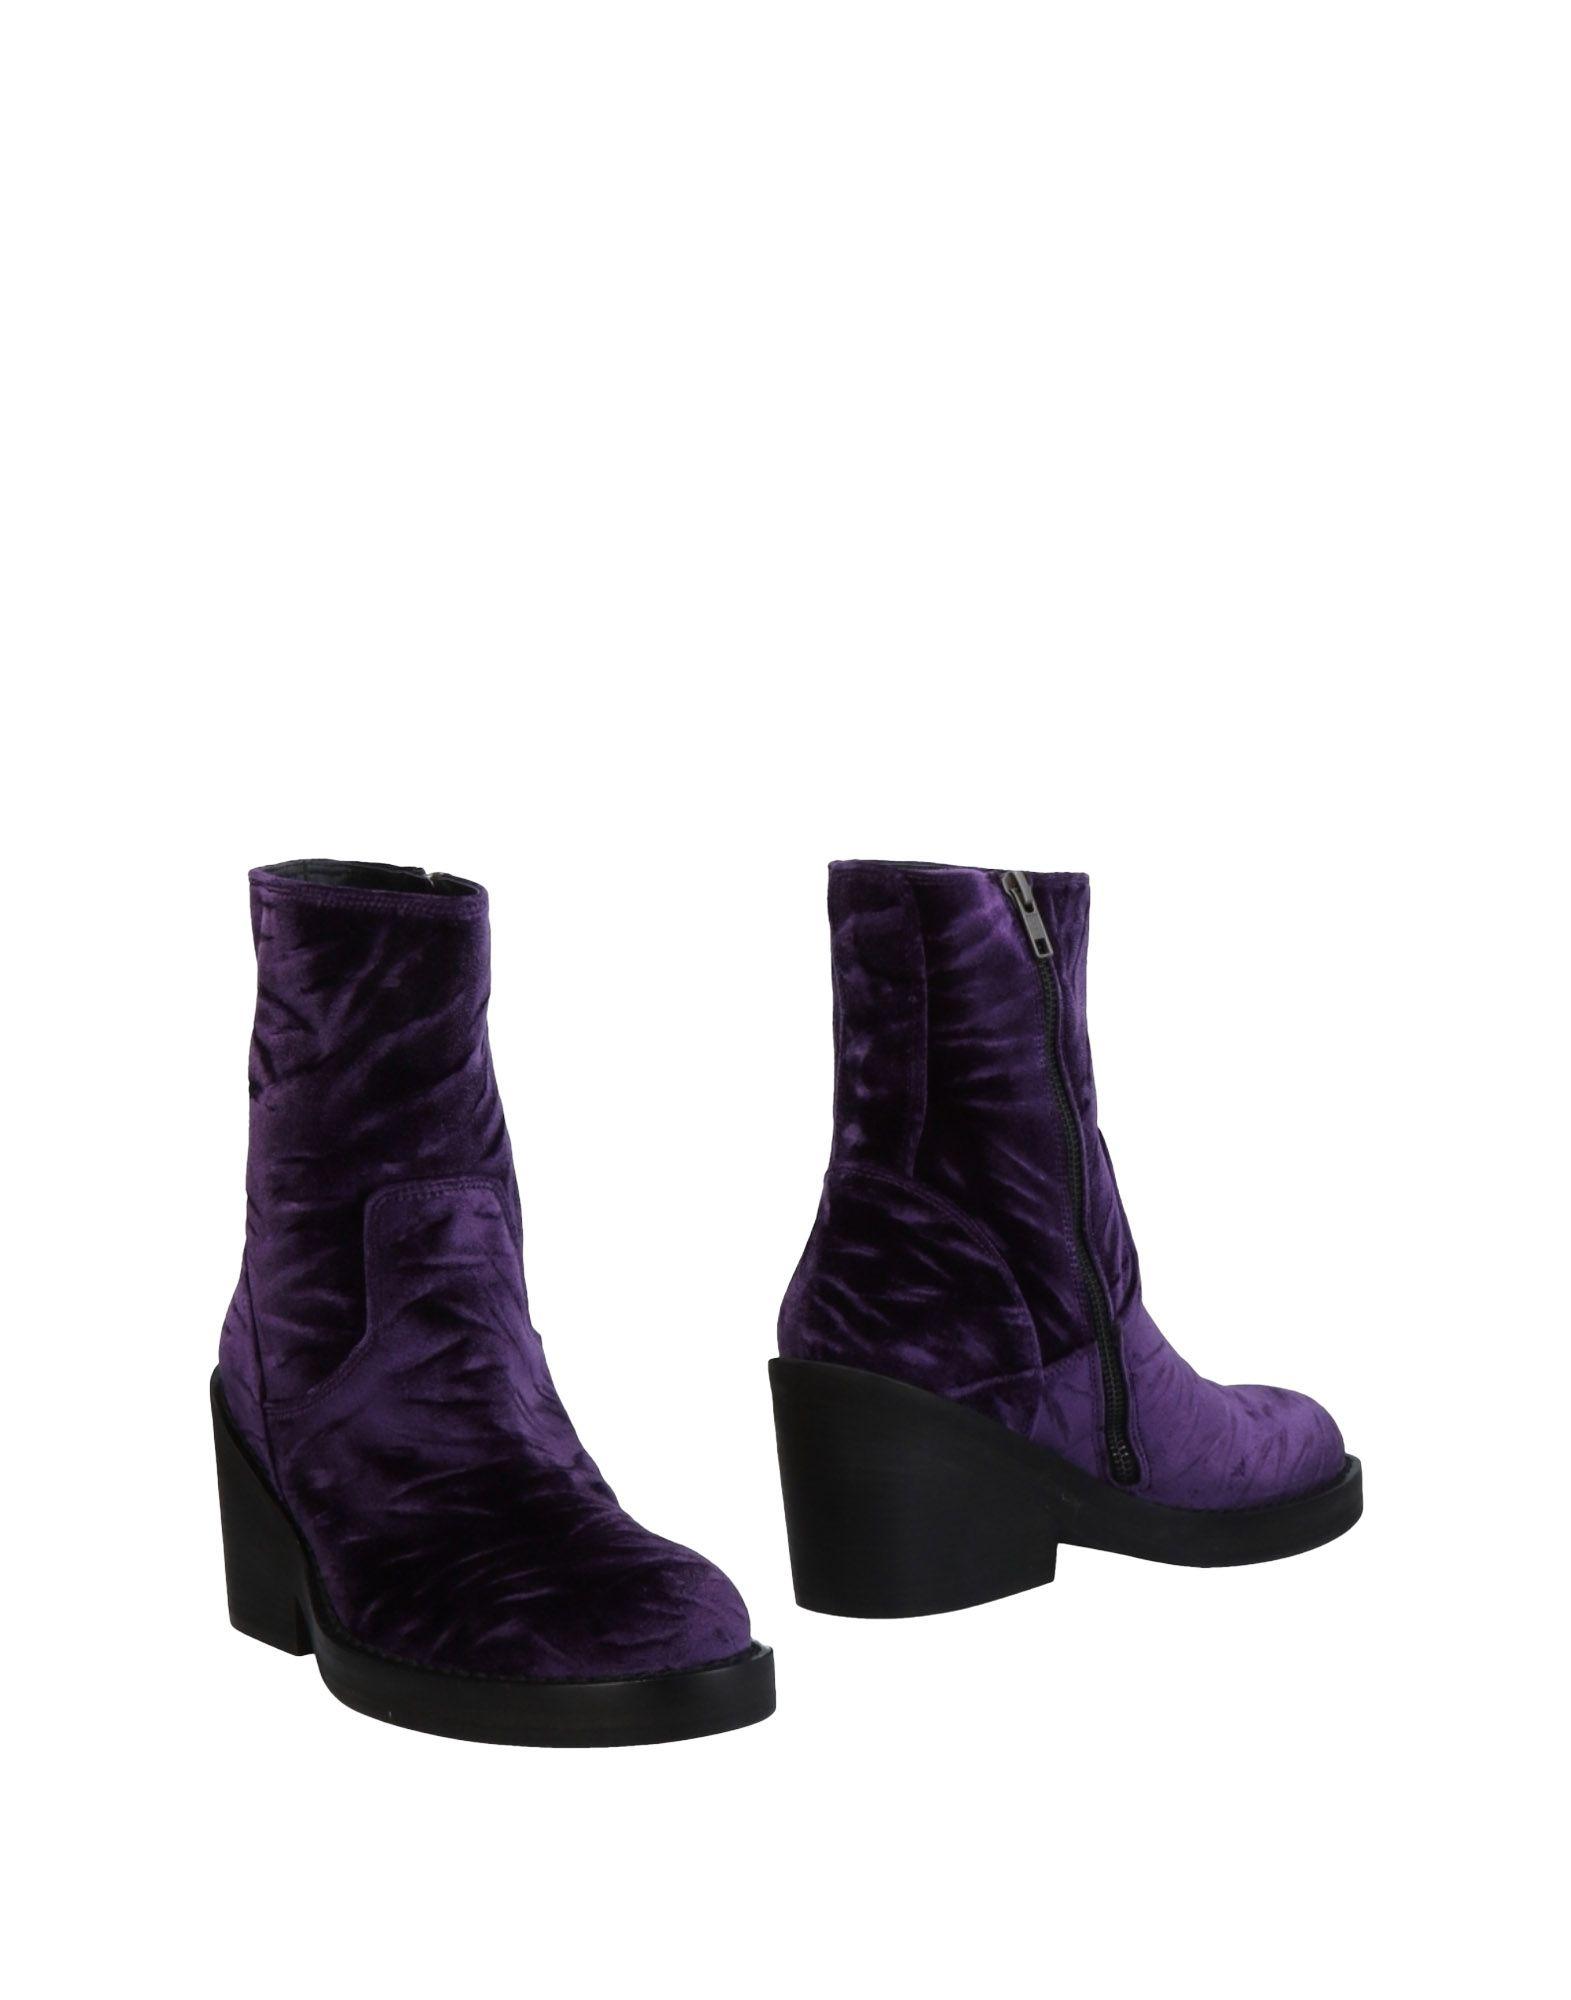 Ann Demeulemeester Stiefelette Damen  11462882MFGünstige gut aussehende Schuhe